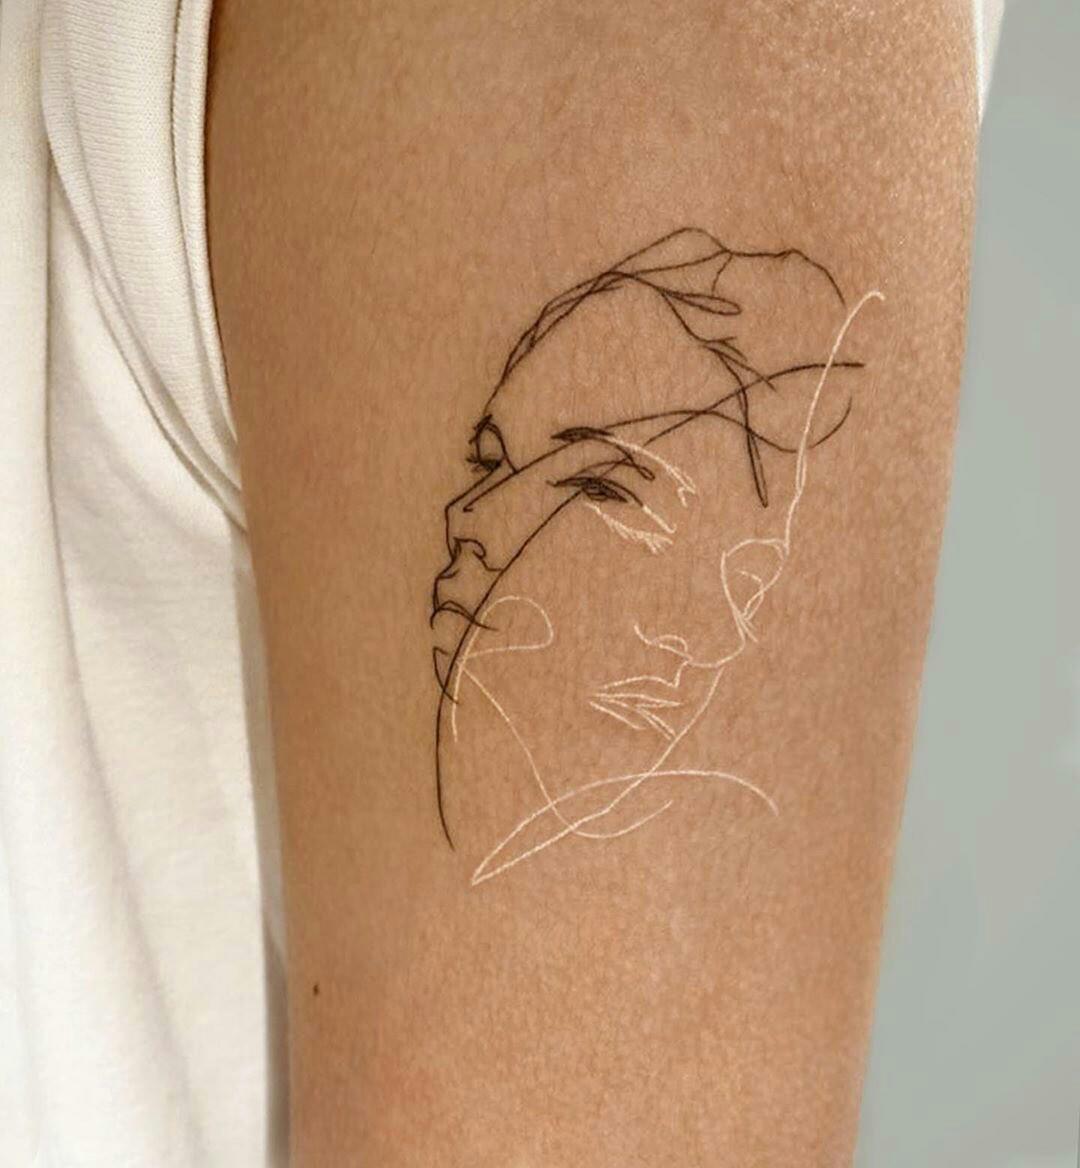 2 faces tattoo